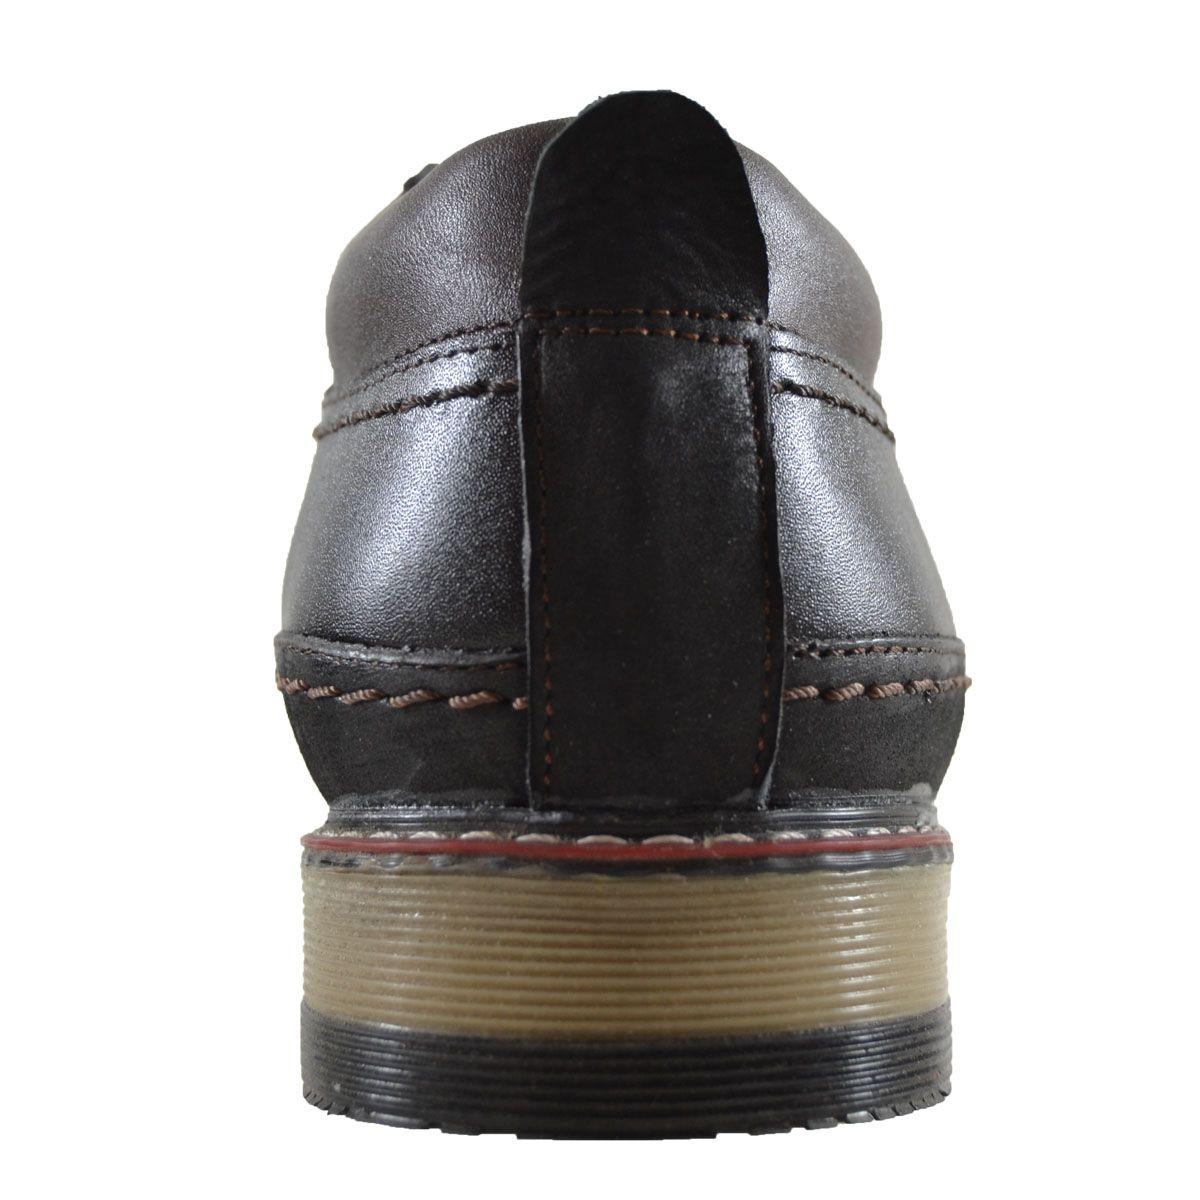 کفش روزمره مردانه کد 204 -  - 5